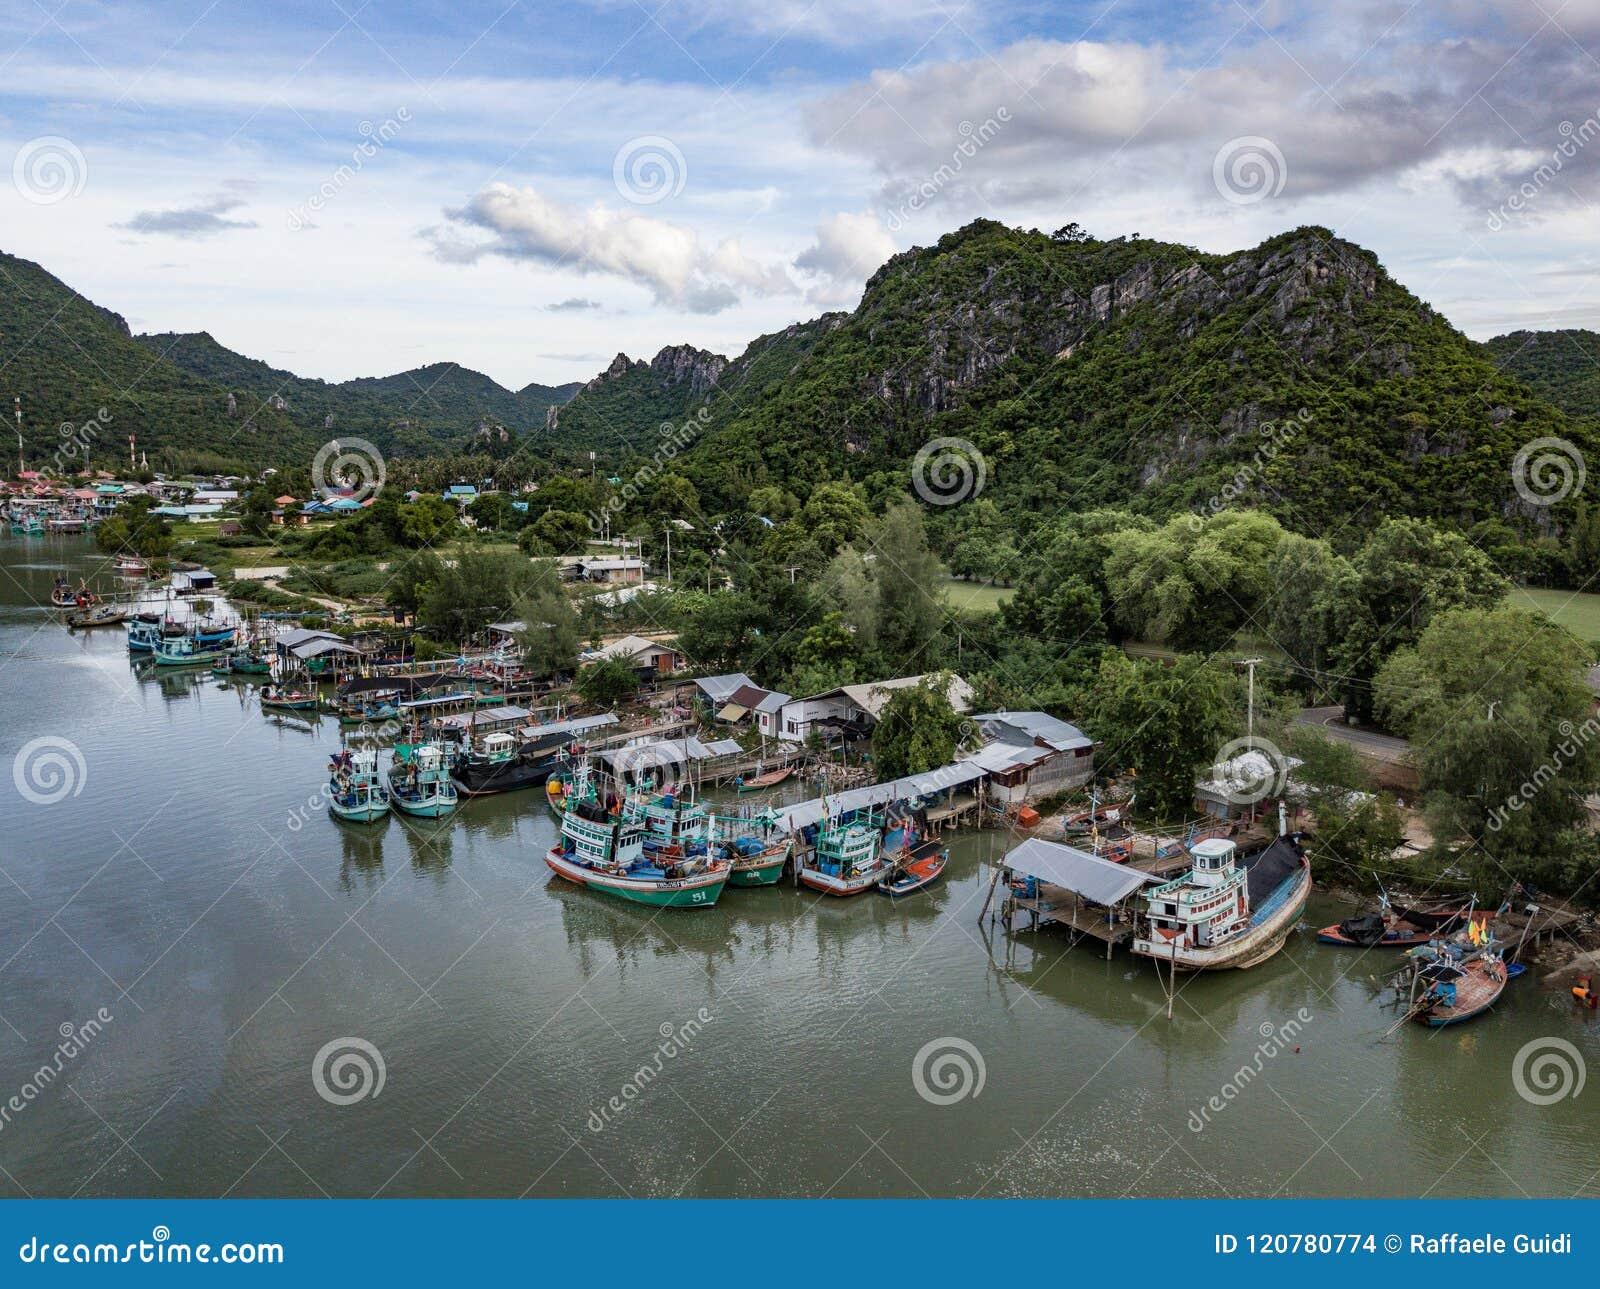 Fishing village in rural thailand